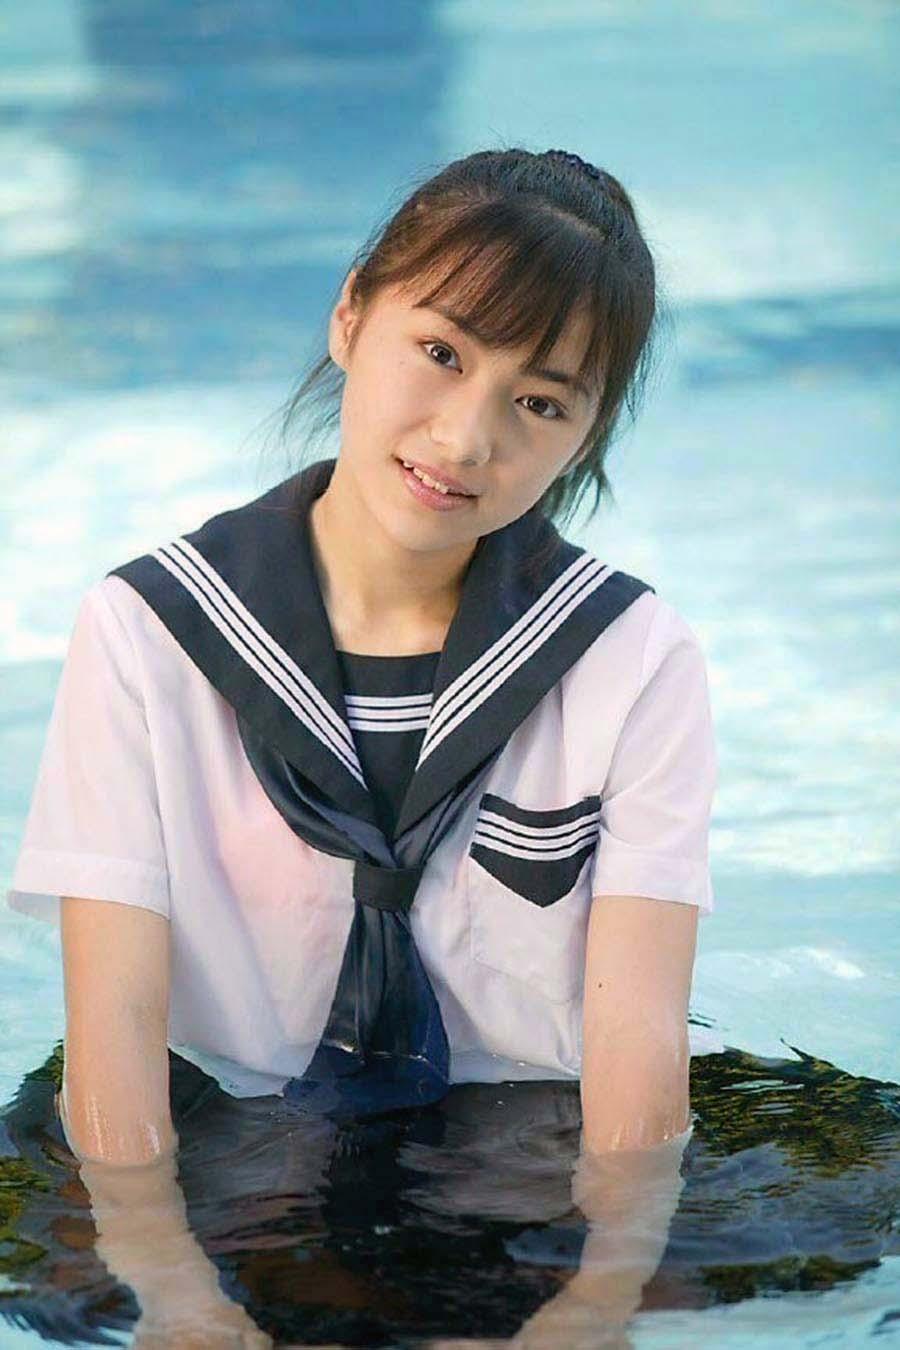 三次元 3次元 エロ画像 JK 女子校生 透け透け ずぶ濡れ べっぴん娘通信 10